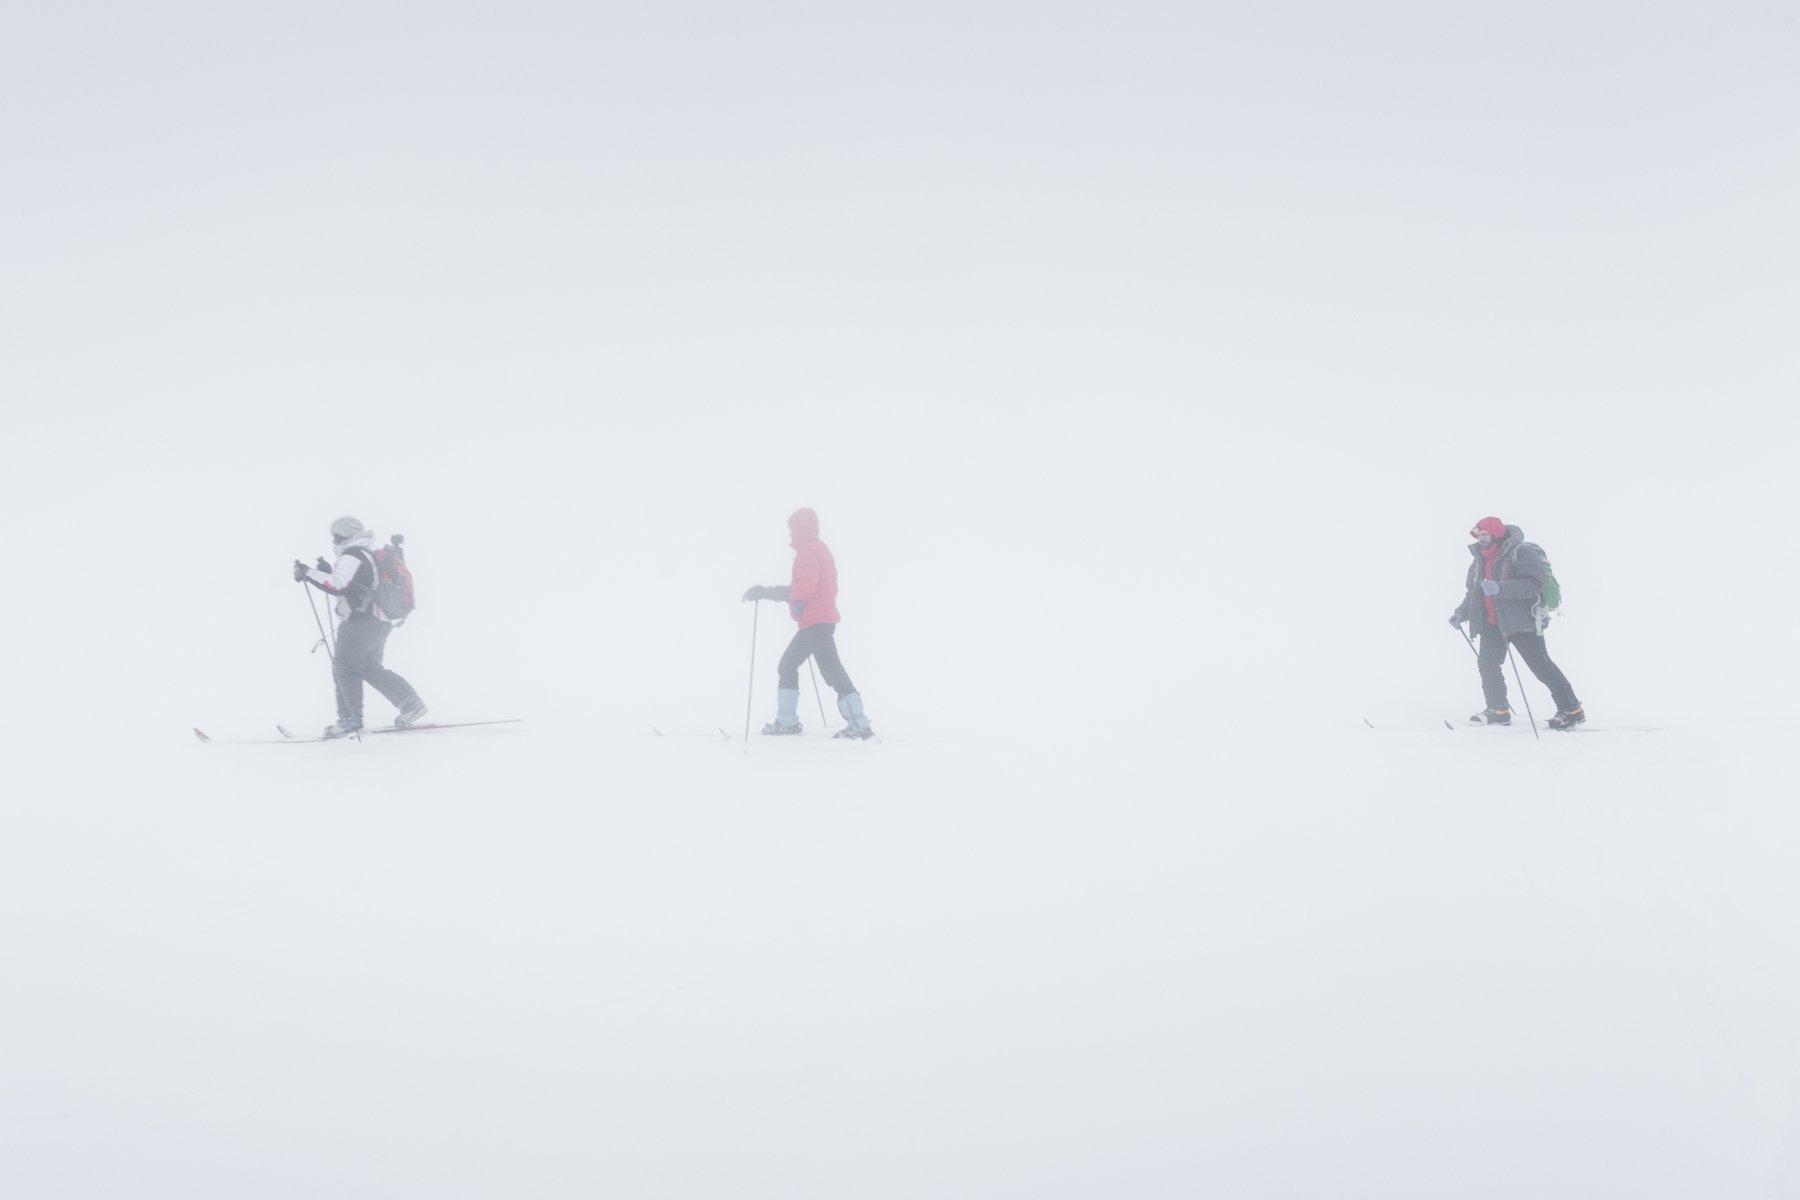 Урал, Северный Урал, ГУХ, главный уральский хребет, Лямпа, зимний поход, мгла, лыжи, Гарифуллин Сергей